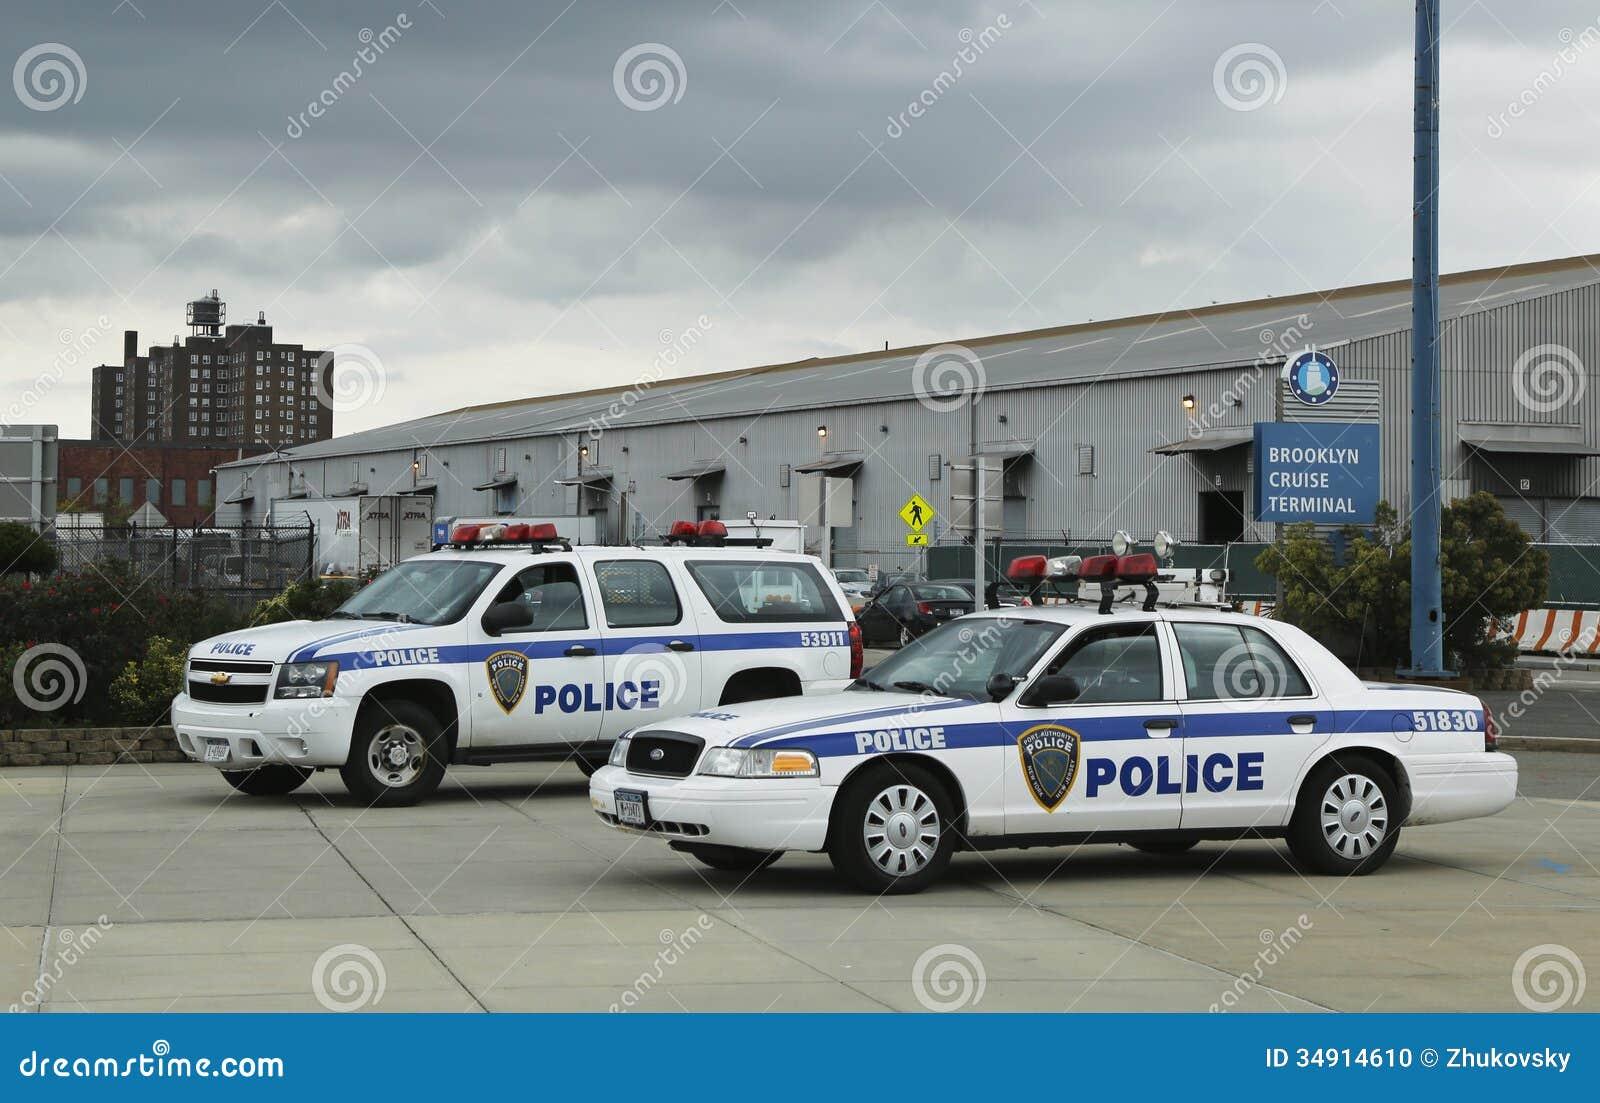 Полиция New York - New Jersey управления порта обеспечивая безопасность для изумрудного туристического судна принцессы состыковала